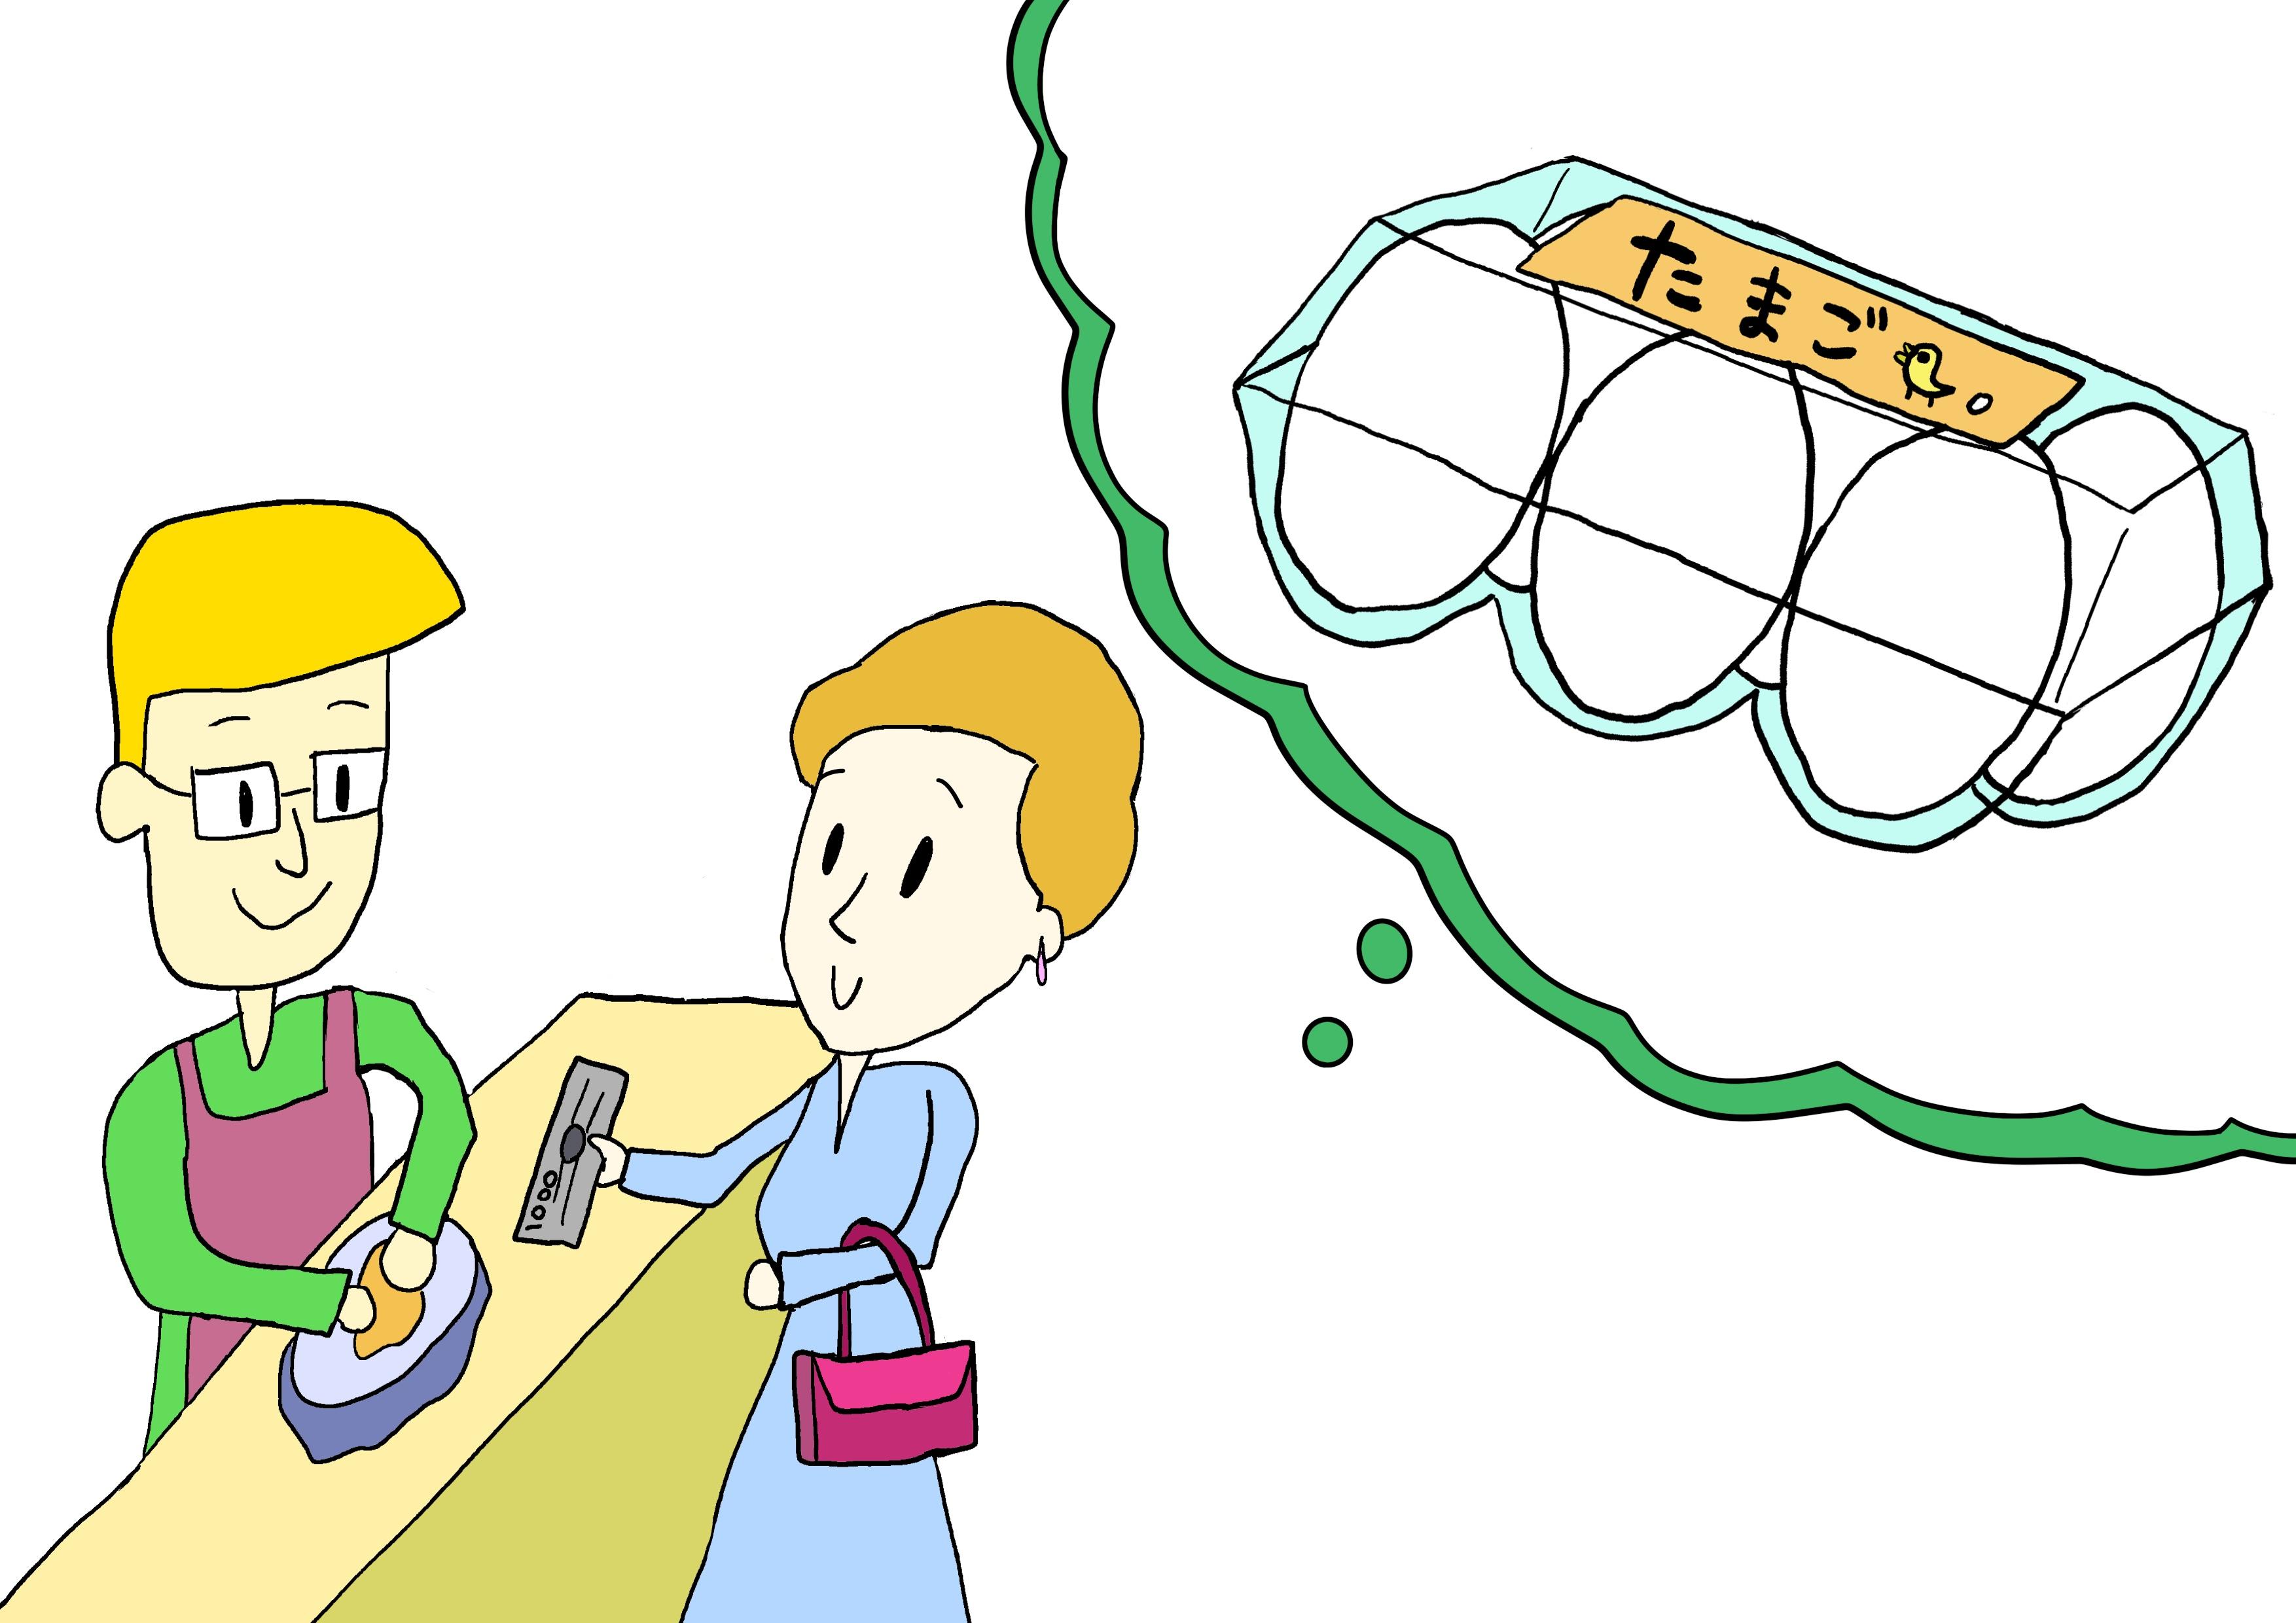 6課イラスト【卵を買う】